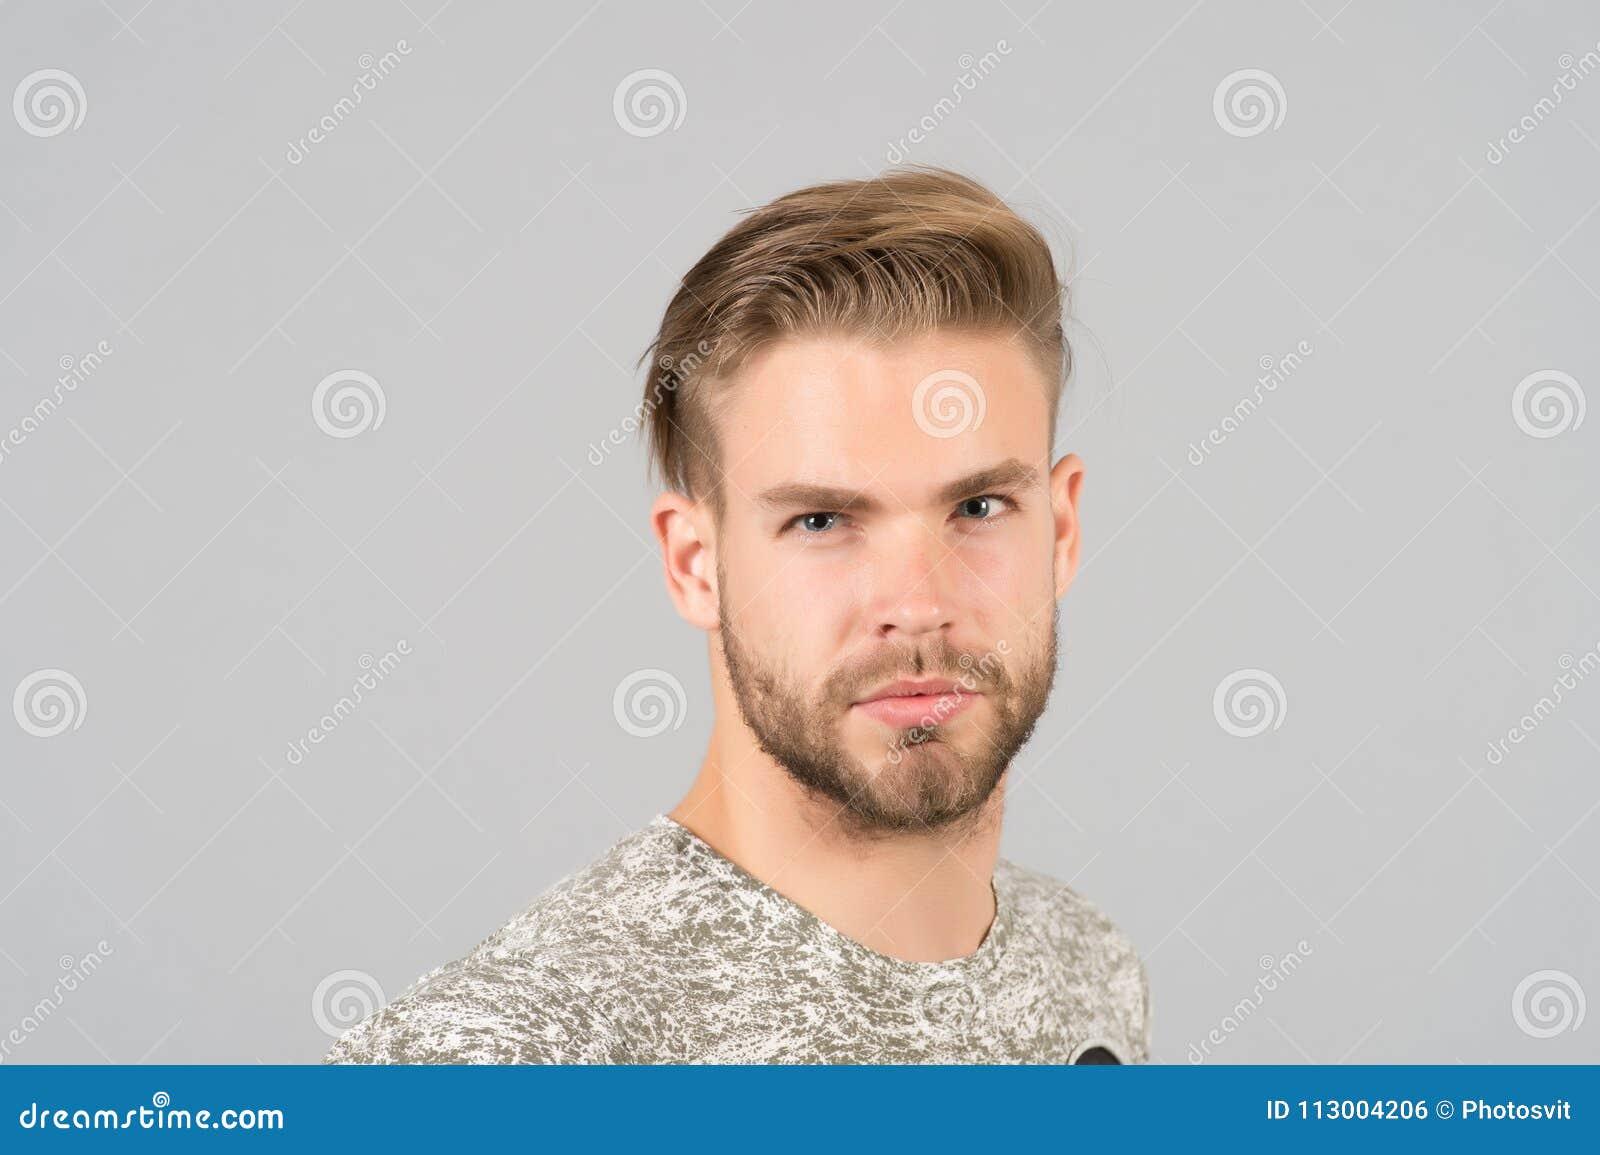 Macho Mit Bärtigem Gesicht Bart Mann Mit Dem Blonden Haar